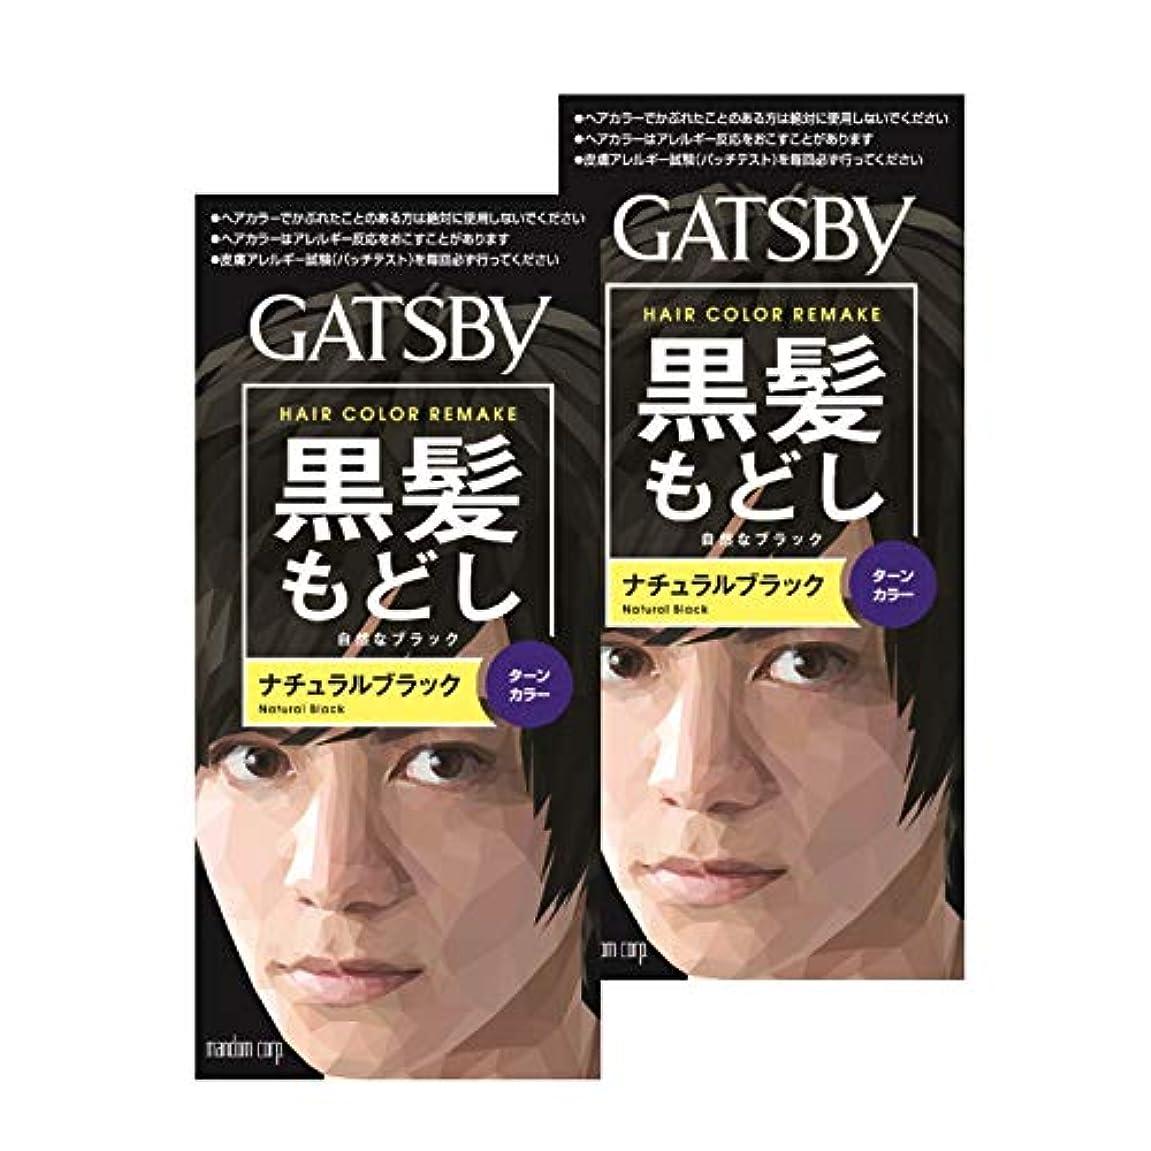 無代わりに光電【まとめ買い】ギャツビー (GATSBY) ターンカラーナチュラルブラック 2個パック メンズ用 黒染め 髪色戻し ミディアムヘア約2回分 (医薬部外品)